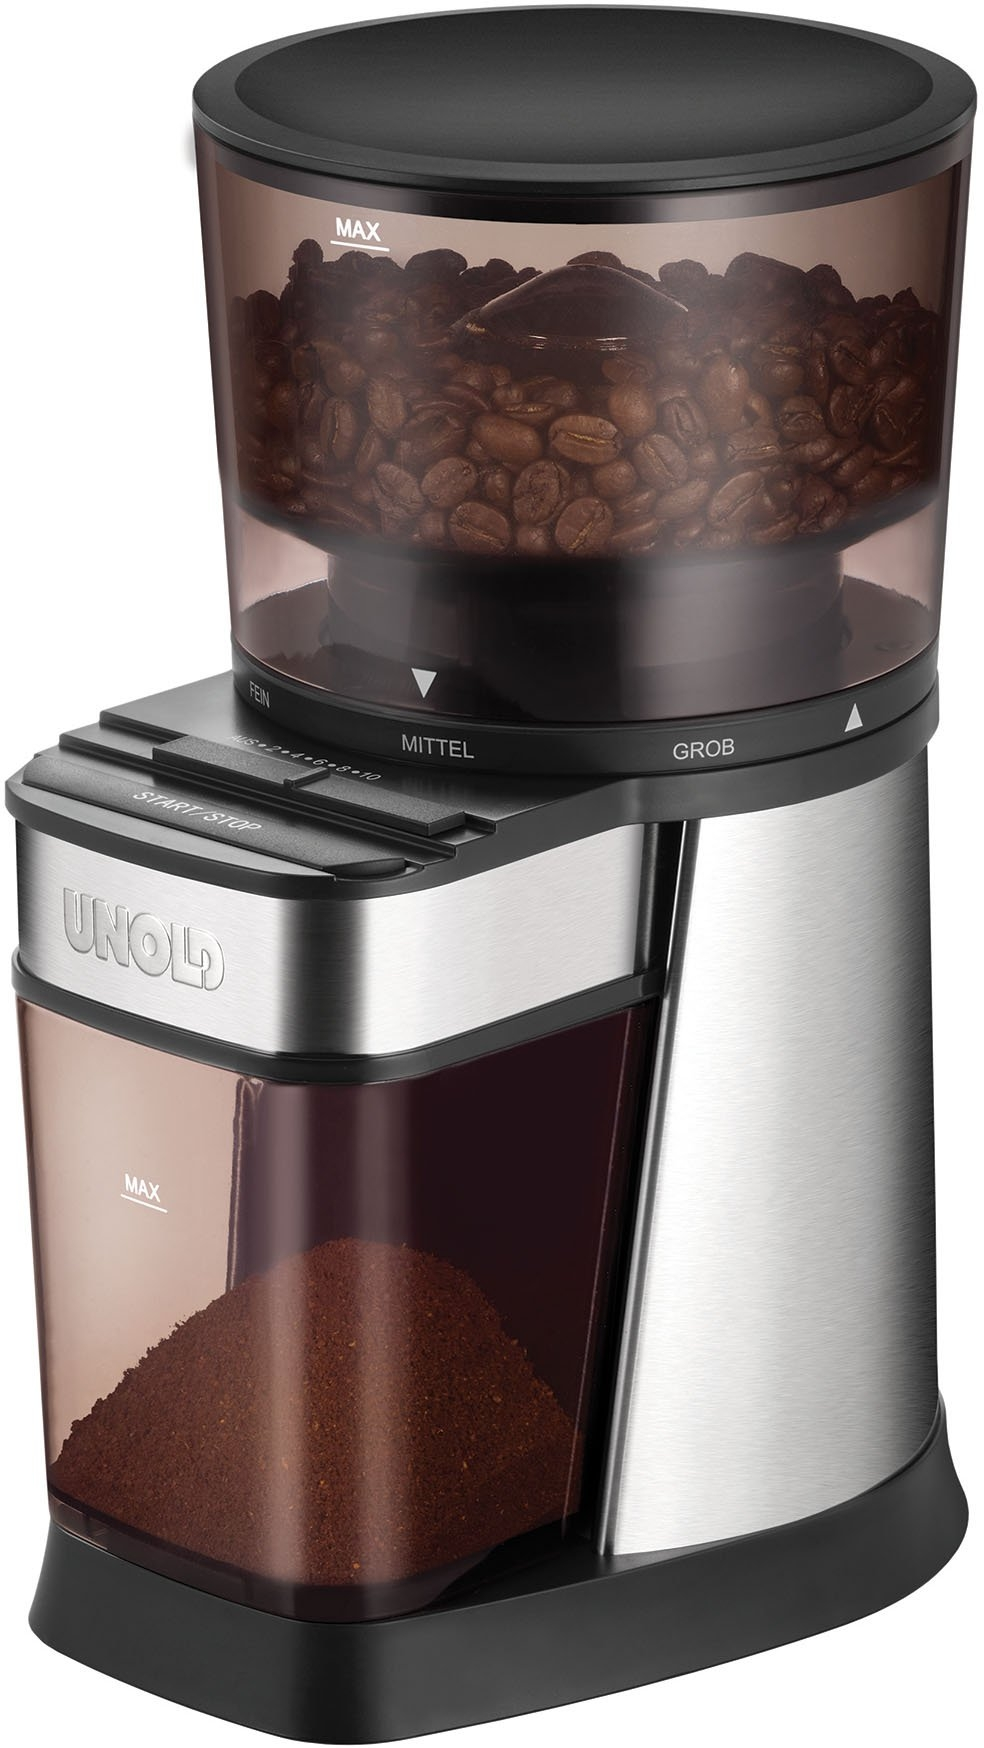 Unold koffiemolen Edel 28915 nu online bestellen